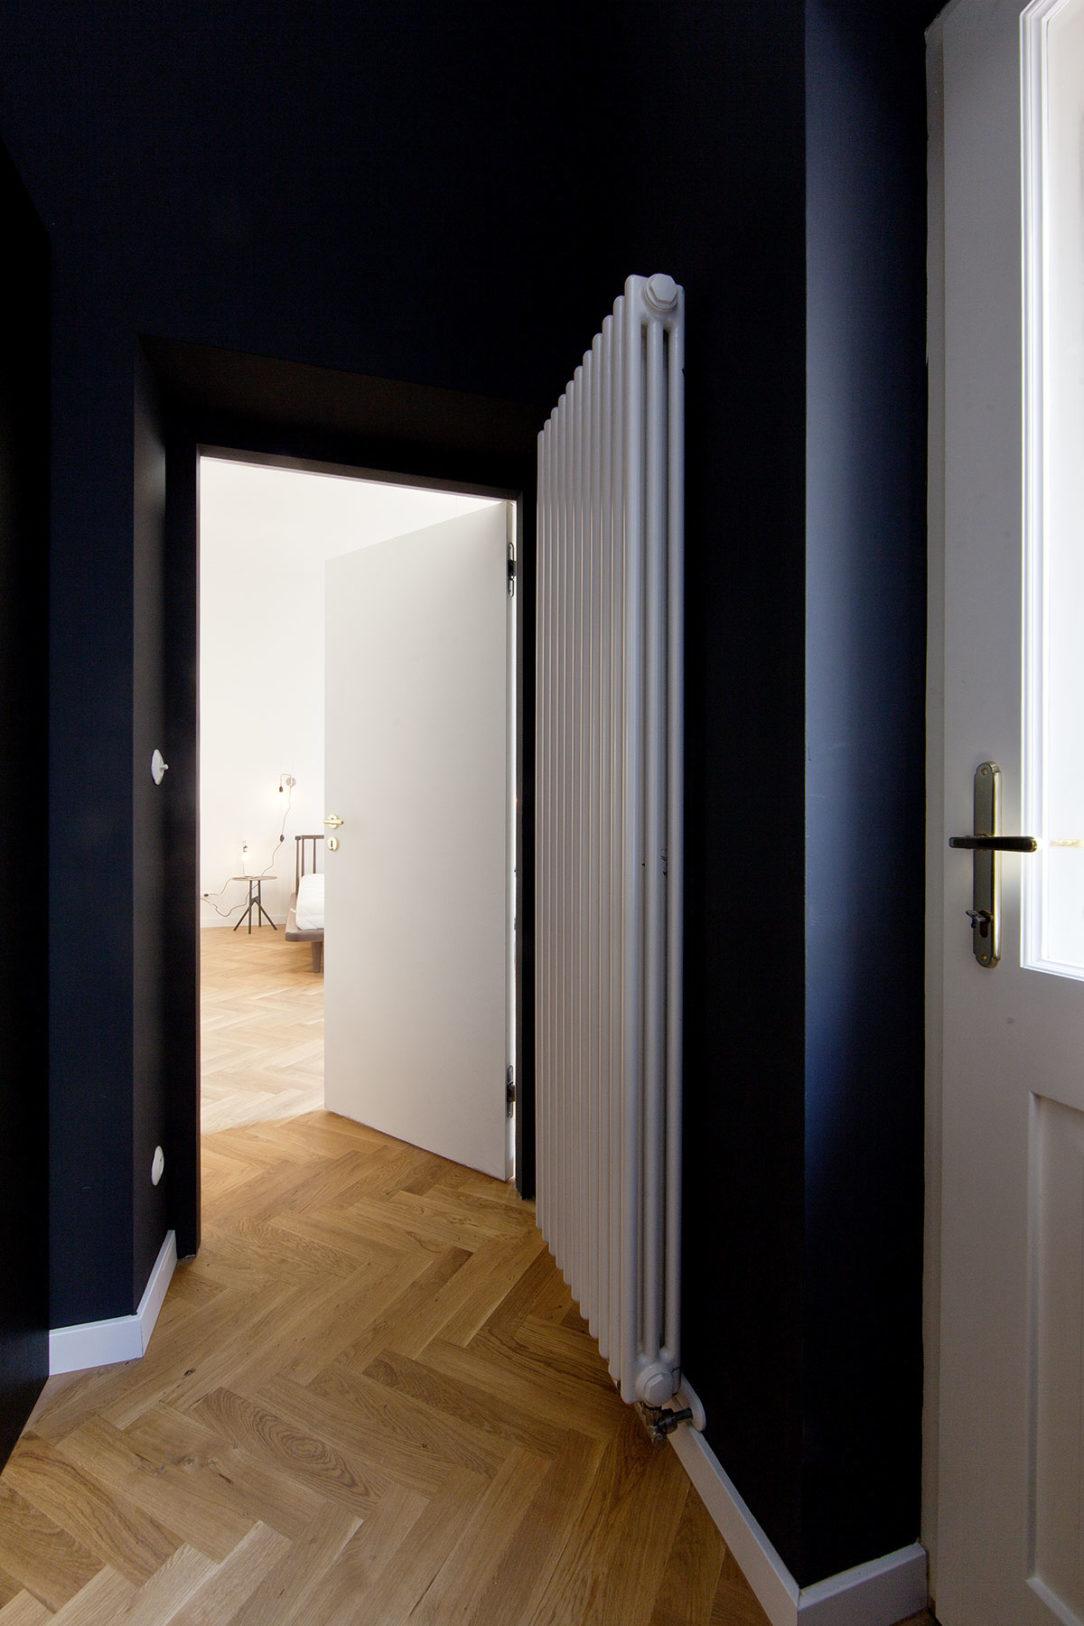 Zehnder Charleston ponúka veľkú variabilitu rozmerov aj farieb a umožňuje nezvyčajnú slobodu pri plánovaní interiéru.